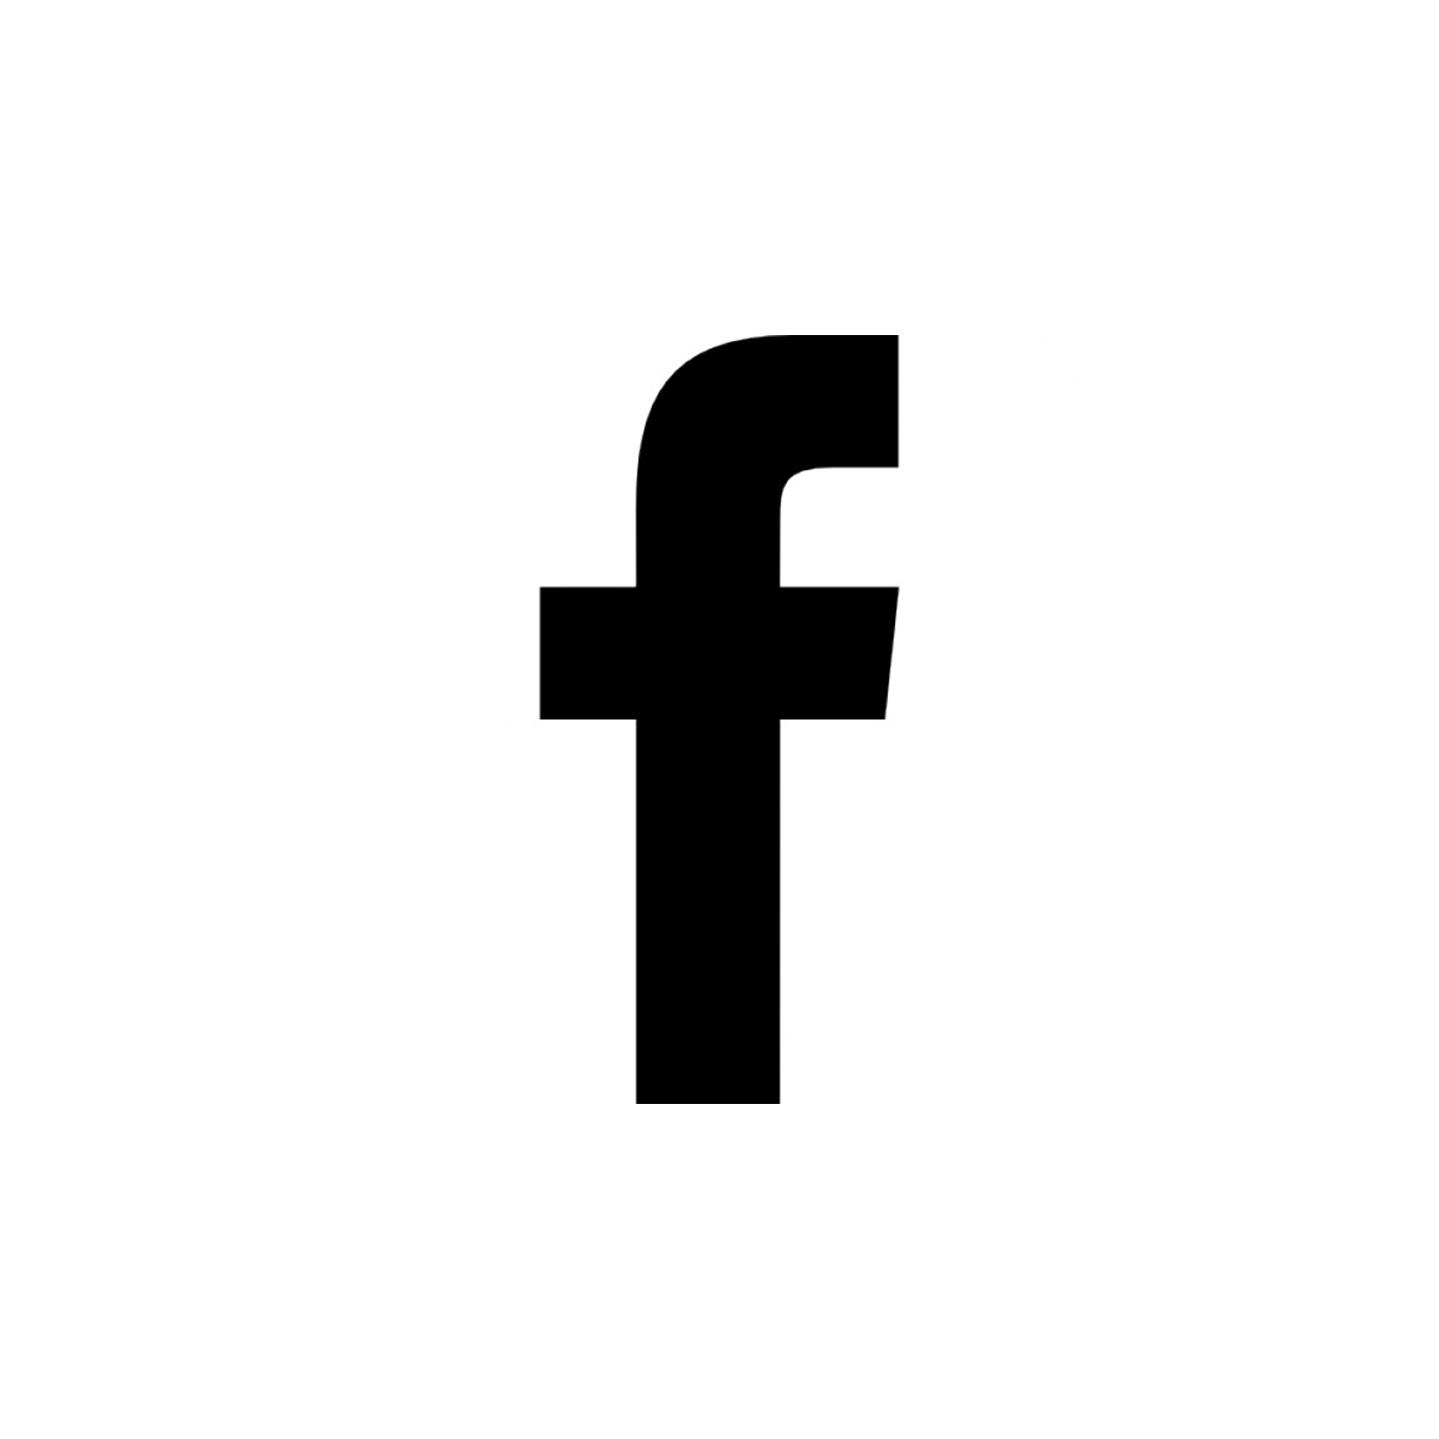 treat slo facebook page